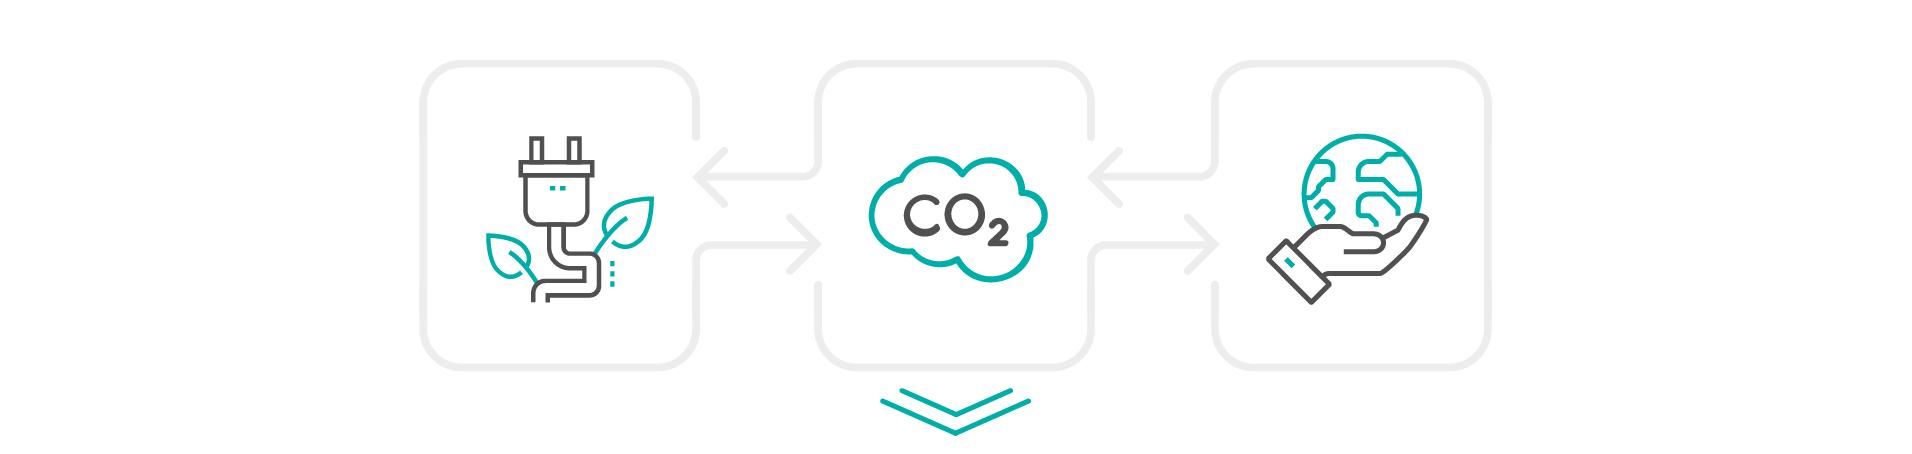 Descarbonización y eficiencia energética